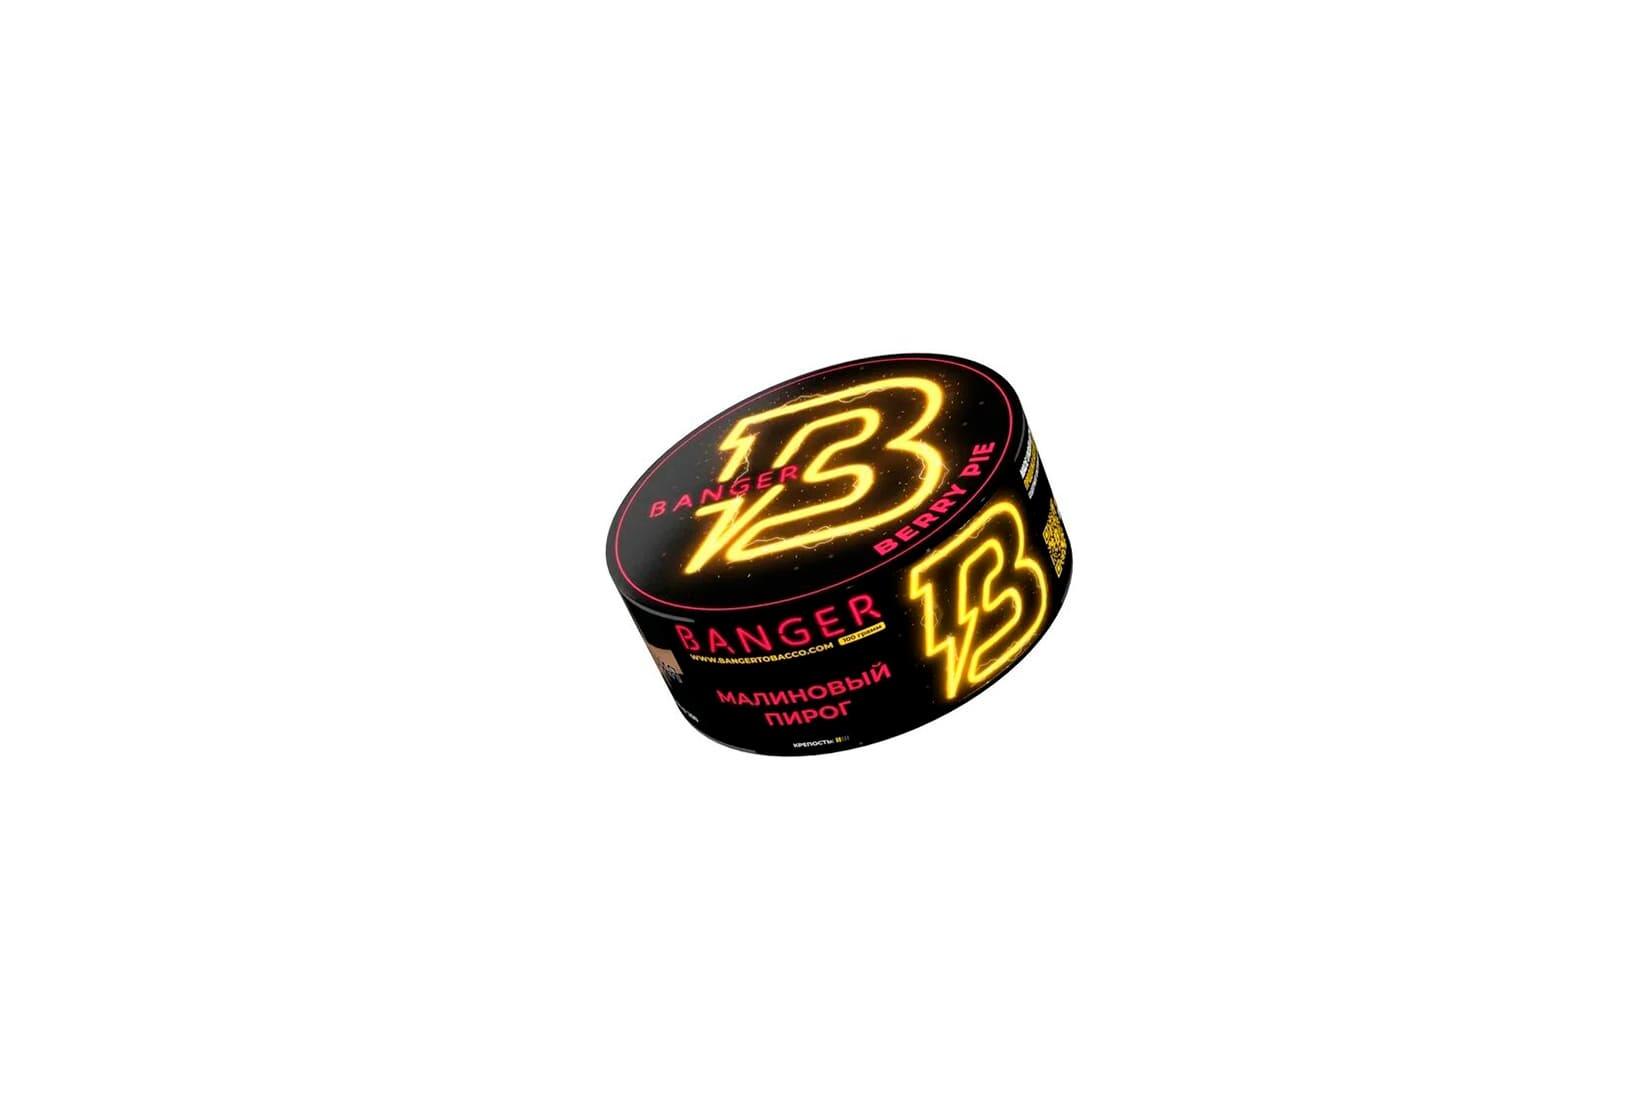 Табак для кальяна Banger Berry Pie – описание, отзывы